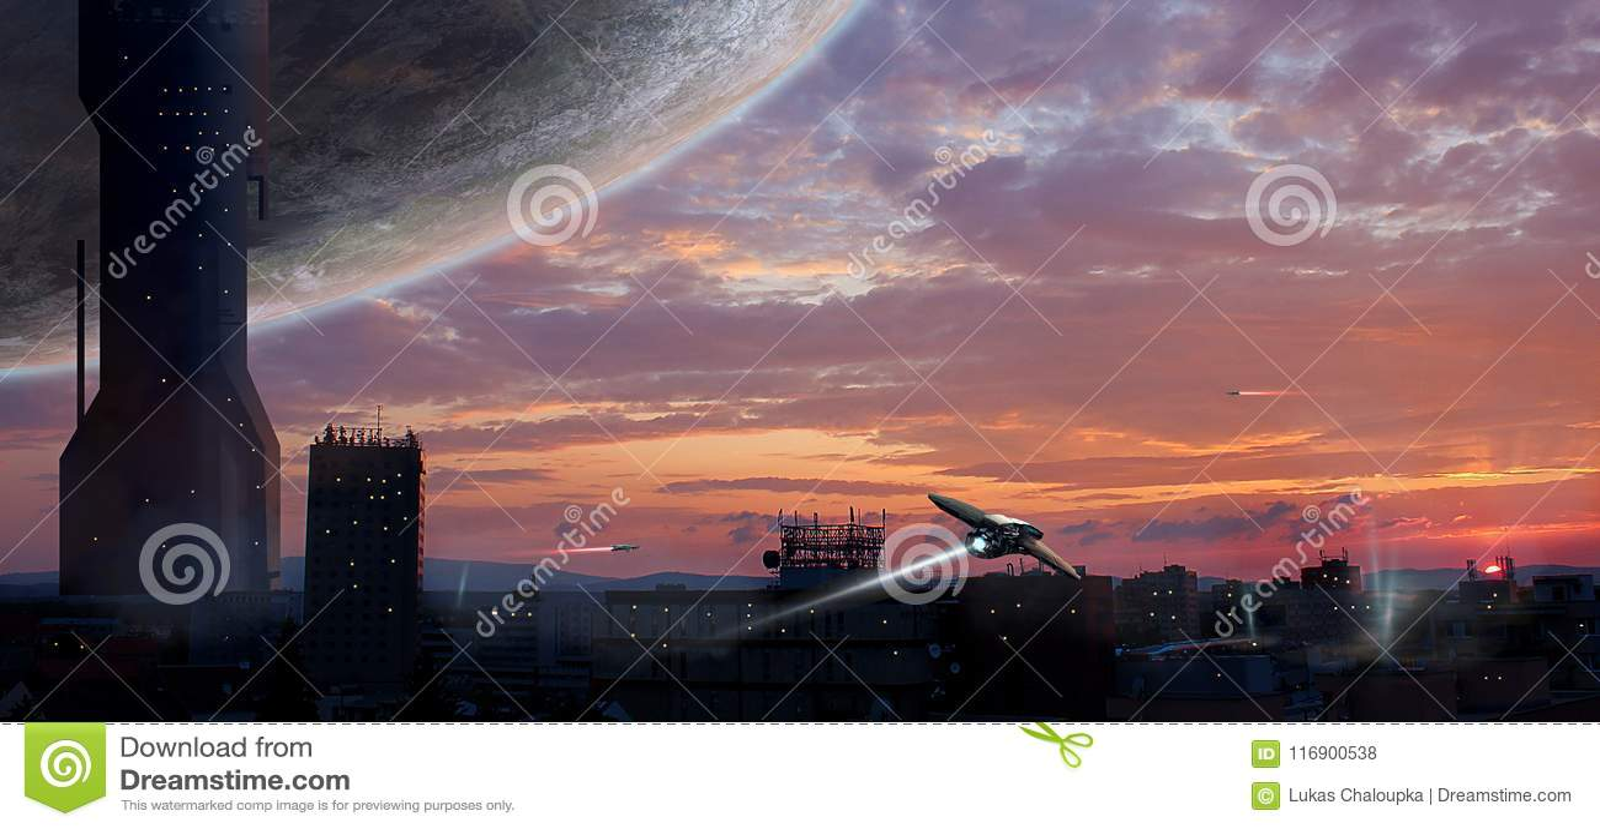 Город научной фантастики с планетой и космическими кораблями, манипуляцией фото, Elem